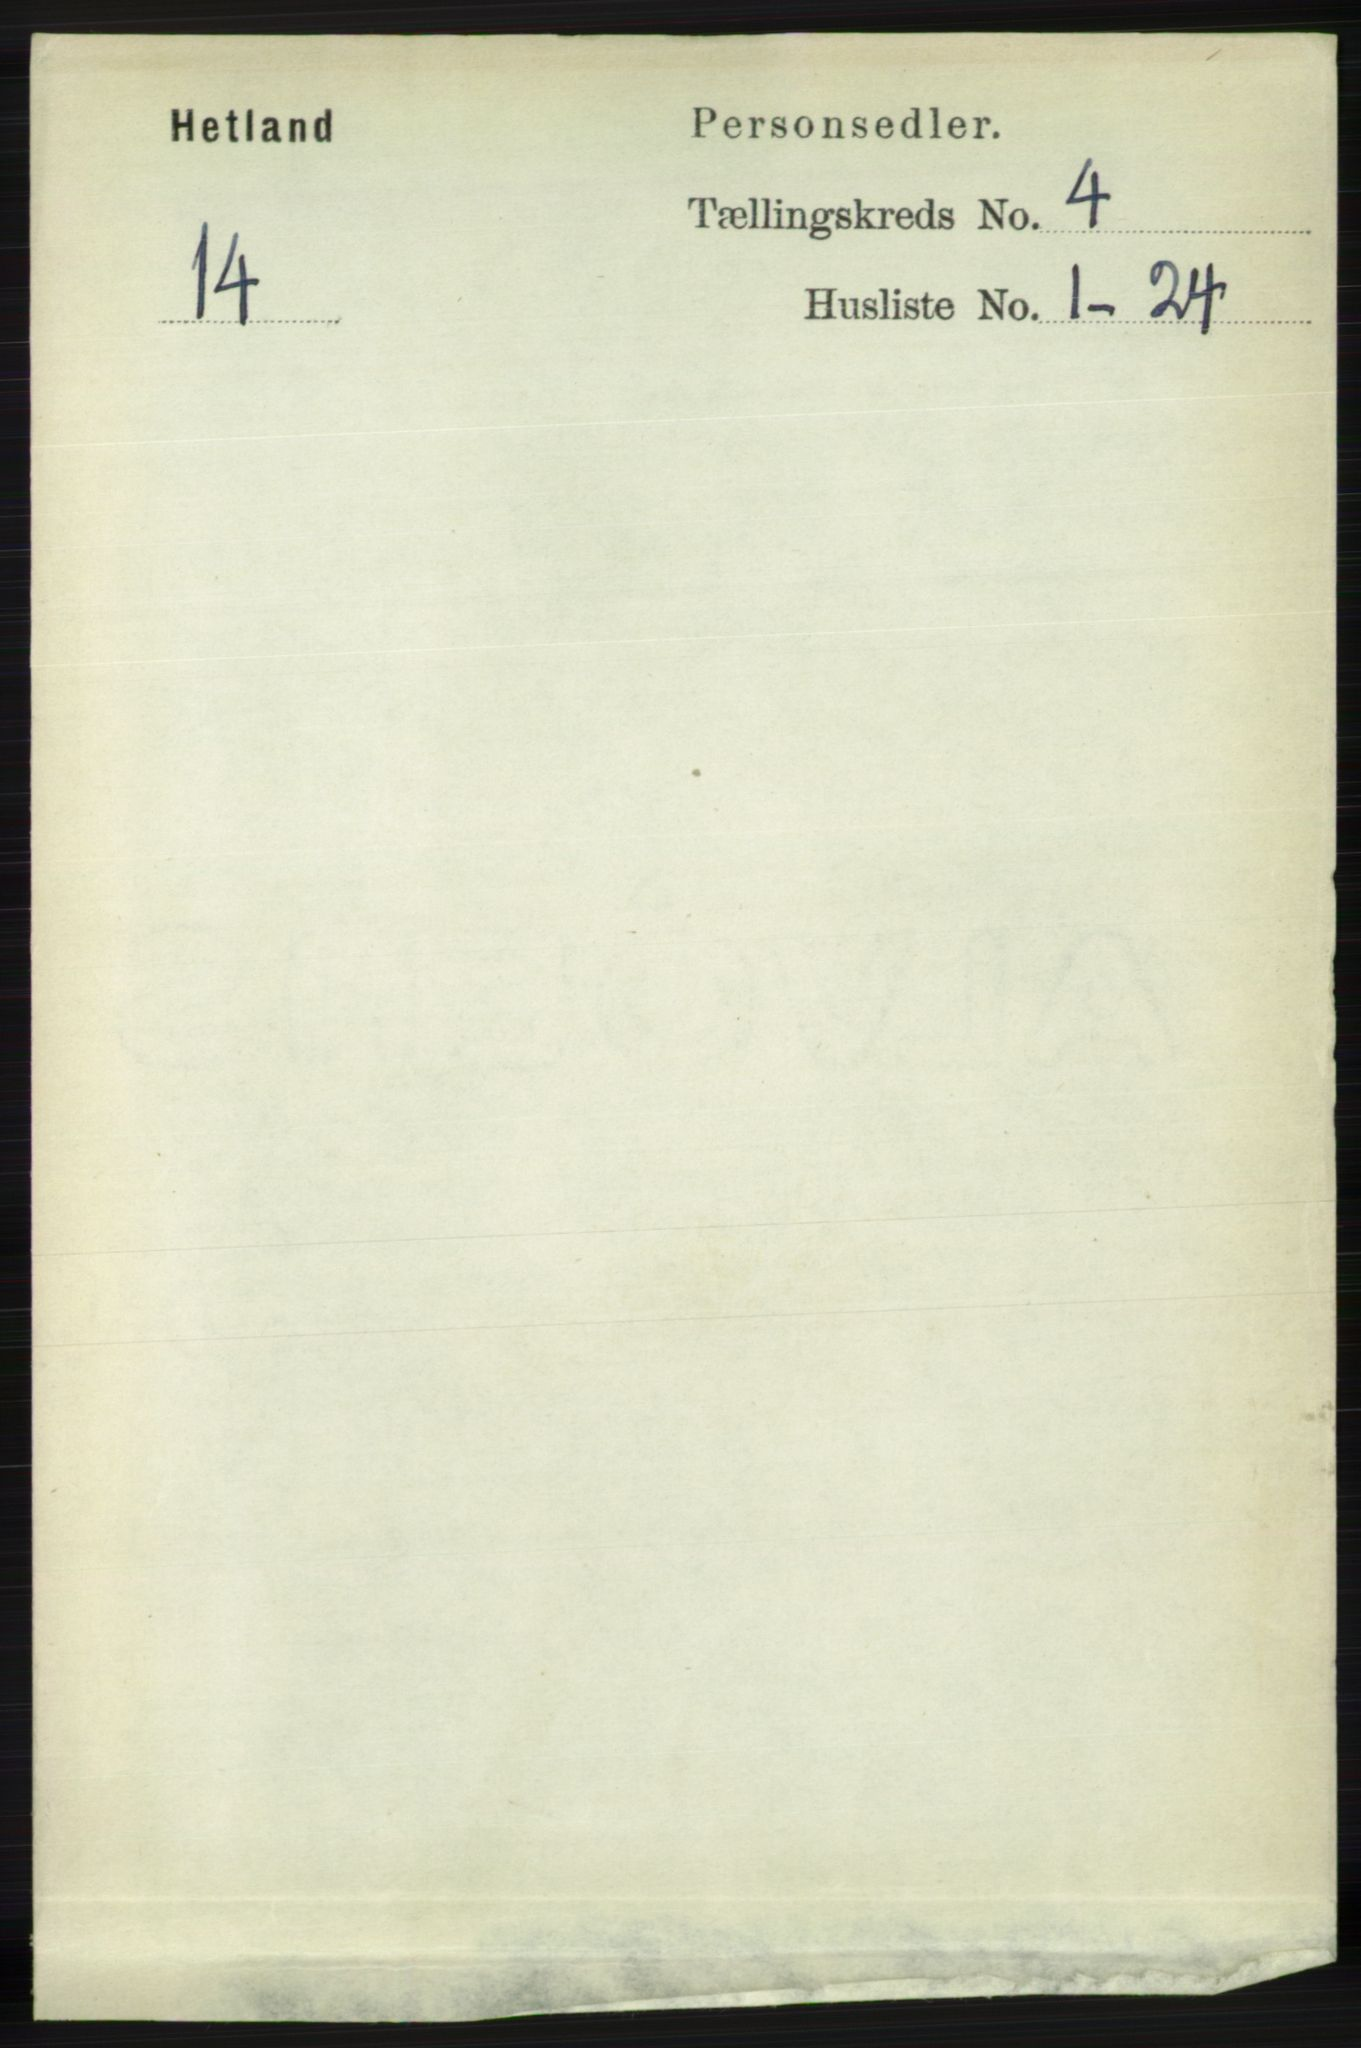 RA, Folketelling 1891 for 1126 Hetland herred, 1891, s. 1983